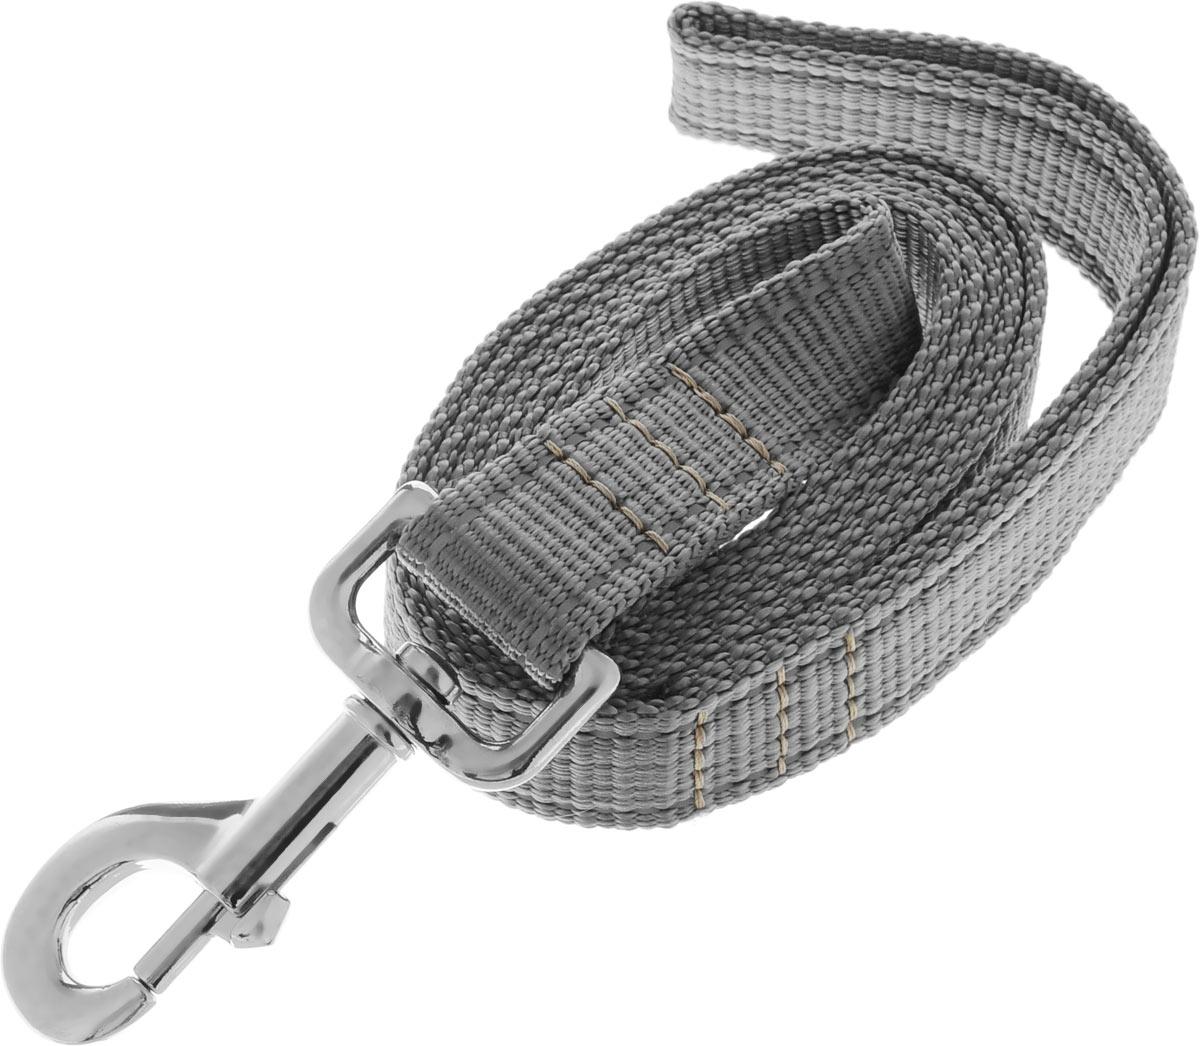 Поводок капроновый для собак Аркон, цвет: серый, ширина 2,5 см, длина 1,5 м12171996Поводок для собак Аркон изготовлен из высококачественного цветного капрона и снабжен металлическим карабином. Изделие отличается не только исключительной надежностью и удобством, но и привлекательным современным дизайном.Поводок - необходимый аксессуар для собаки. Ведь в опасных ситуациях именно он способен спасти жизнь вашему любимому питомцу. Иногда нужно ограничивать свободу своего четвероногого друга, чтобы защитить его или себя от неприятностей на прогулке. Длина поводка: 1,5 м.Ширина поводка: 2,5 см.